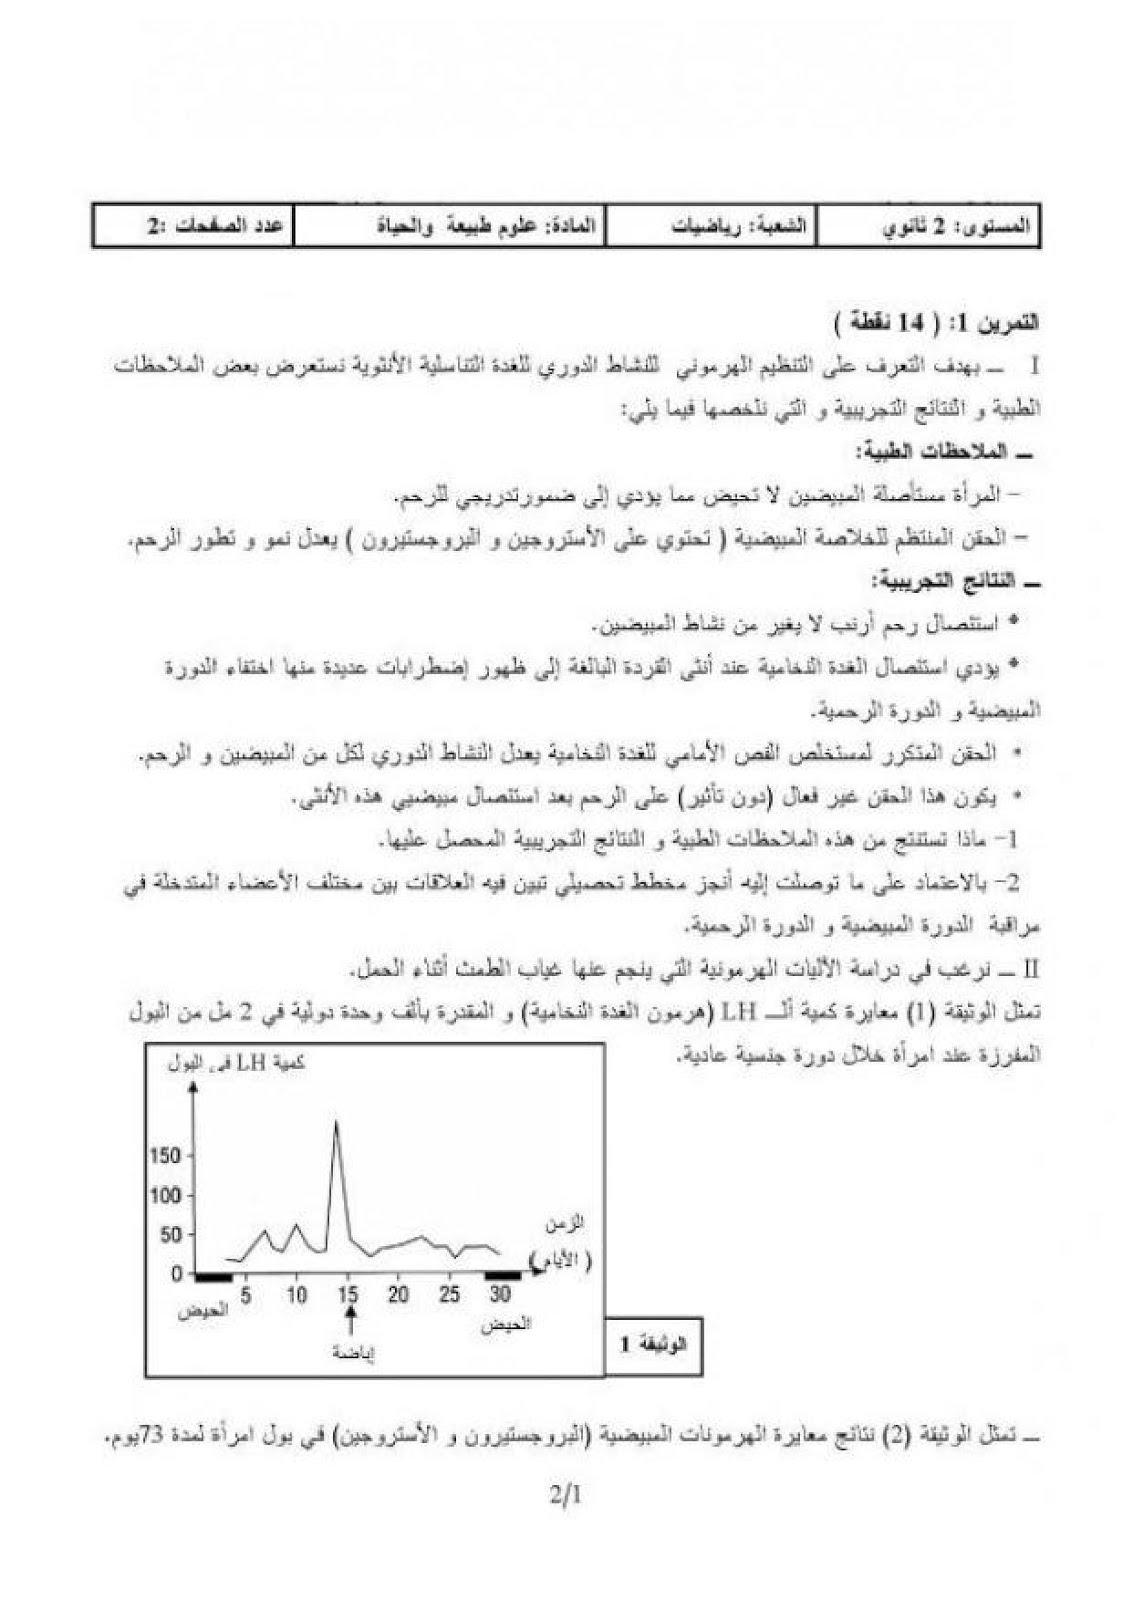 امتحان العلوم الطبيعية  للسنة الثانية ثانوي الفصل  شعبة رياضيات